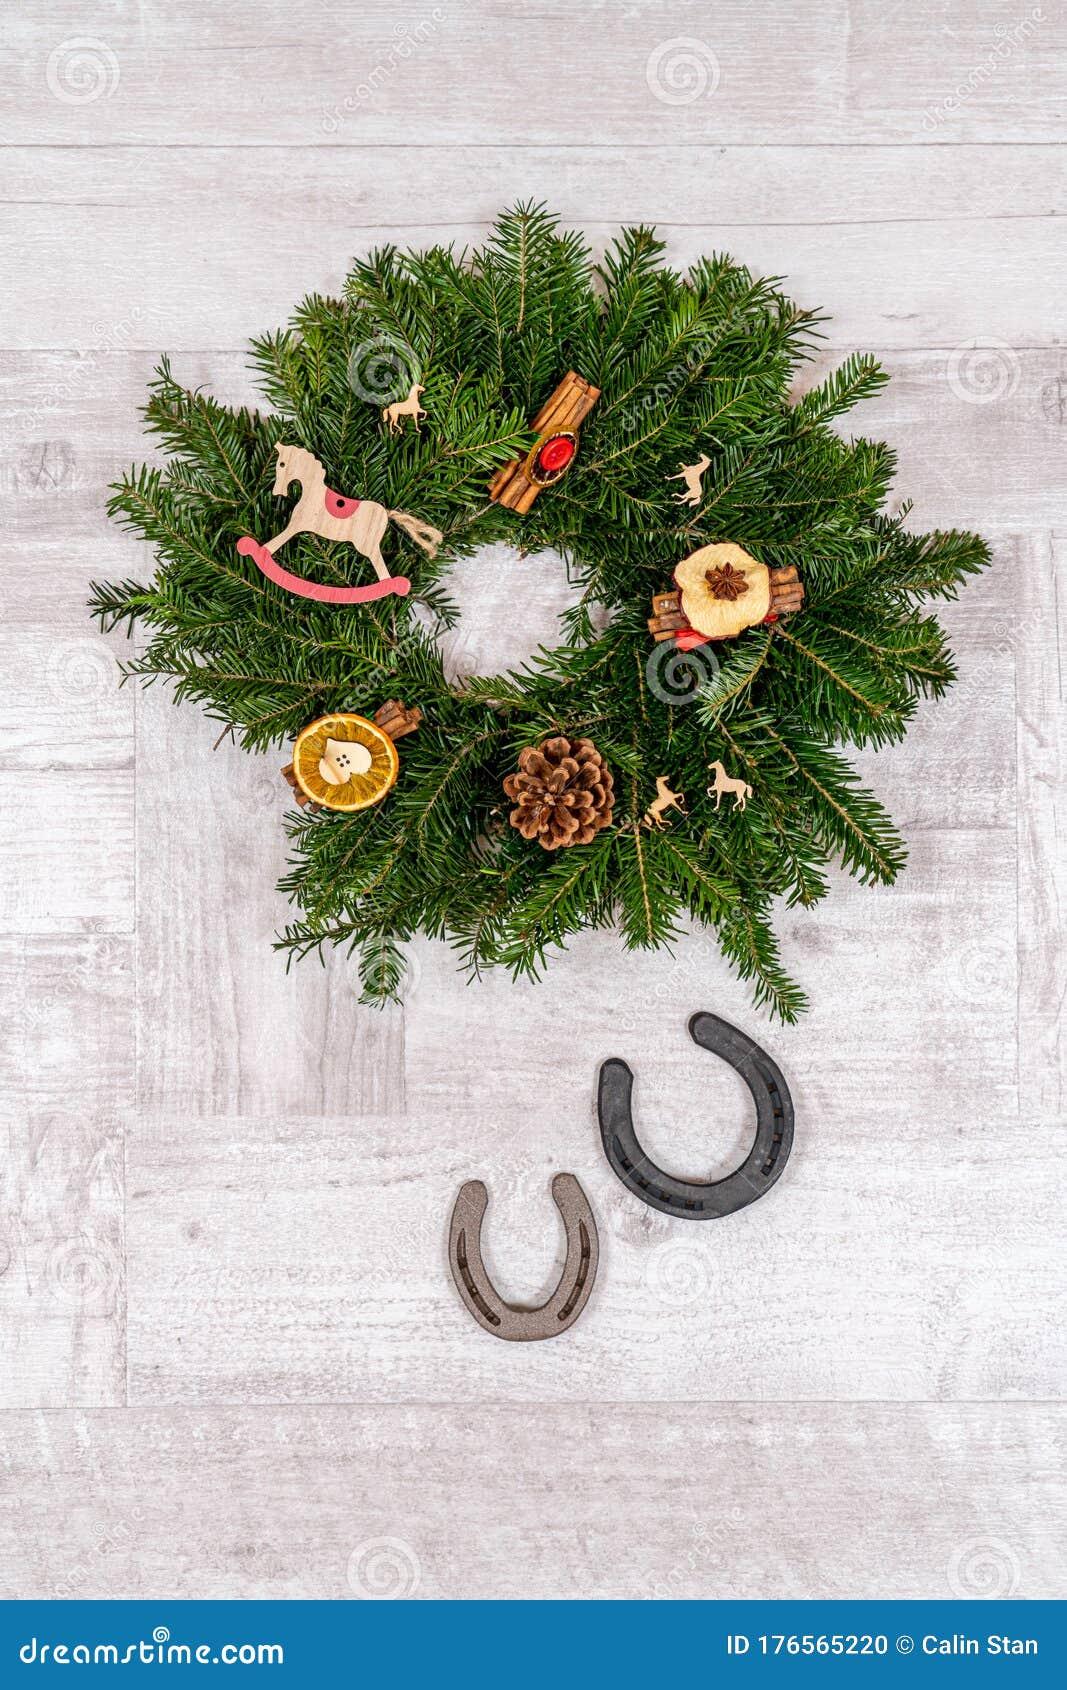 Horseshoe Christmas Decorations With Horse Ornaments On Wooden Background Stock Photo Image Of Hobbyhorse Decoration 176565220